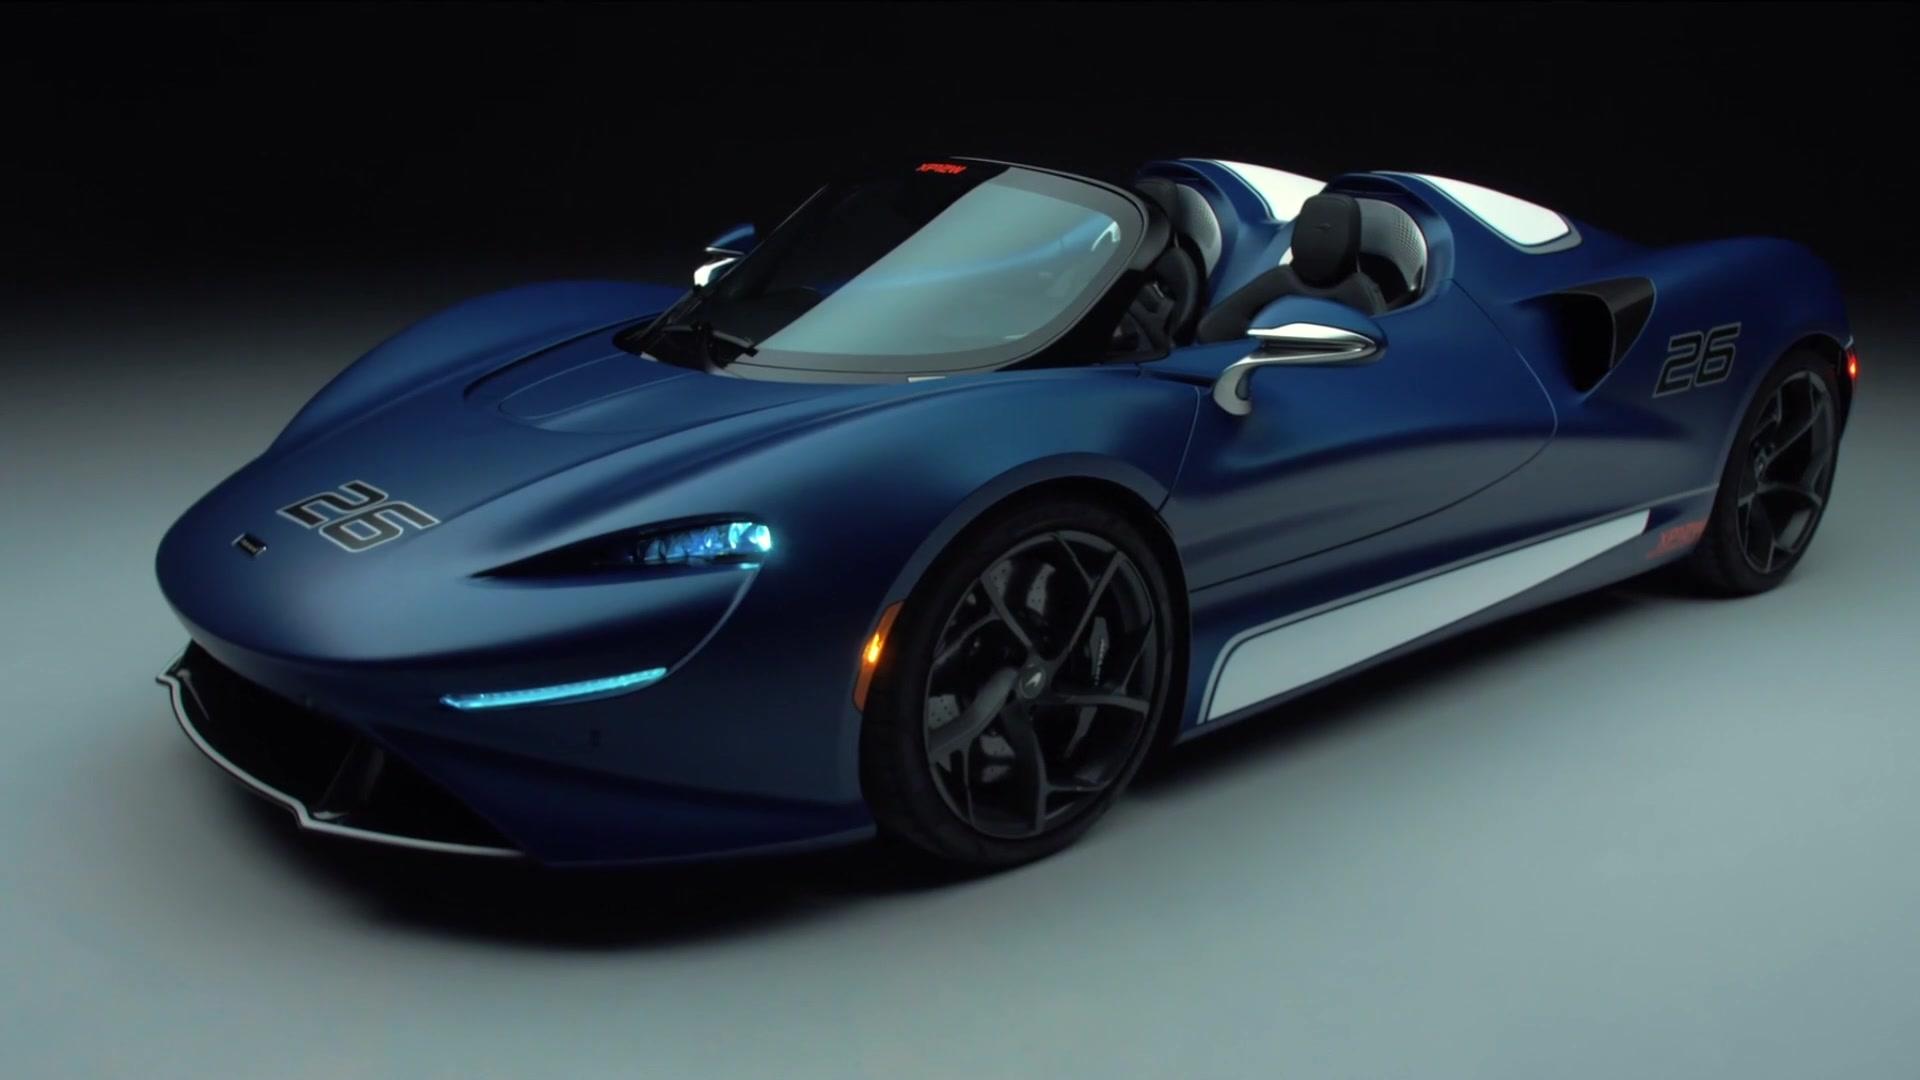 La massima esperienza roadster a cielo aperto - entra in produzione l'ultra esclusiva McLaren Elva in una versione con parabrezza